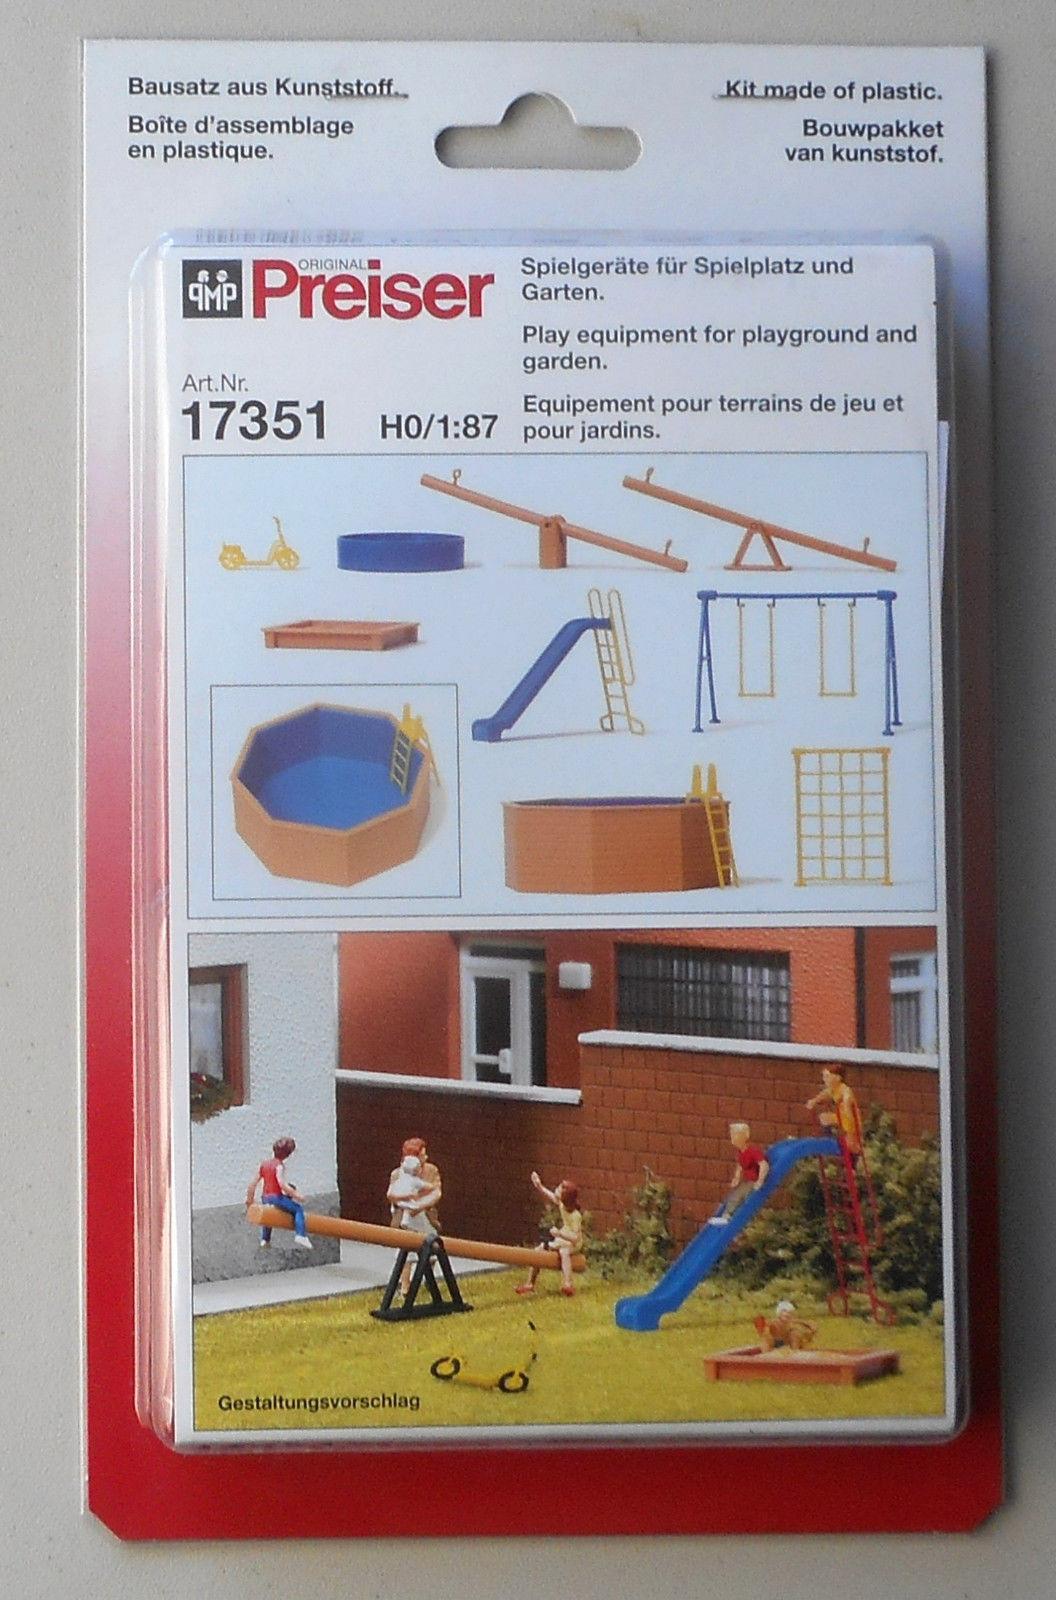 Preiser 17351 H0 Spielgeräte für Spielplatz und Garten